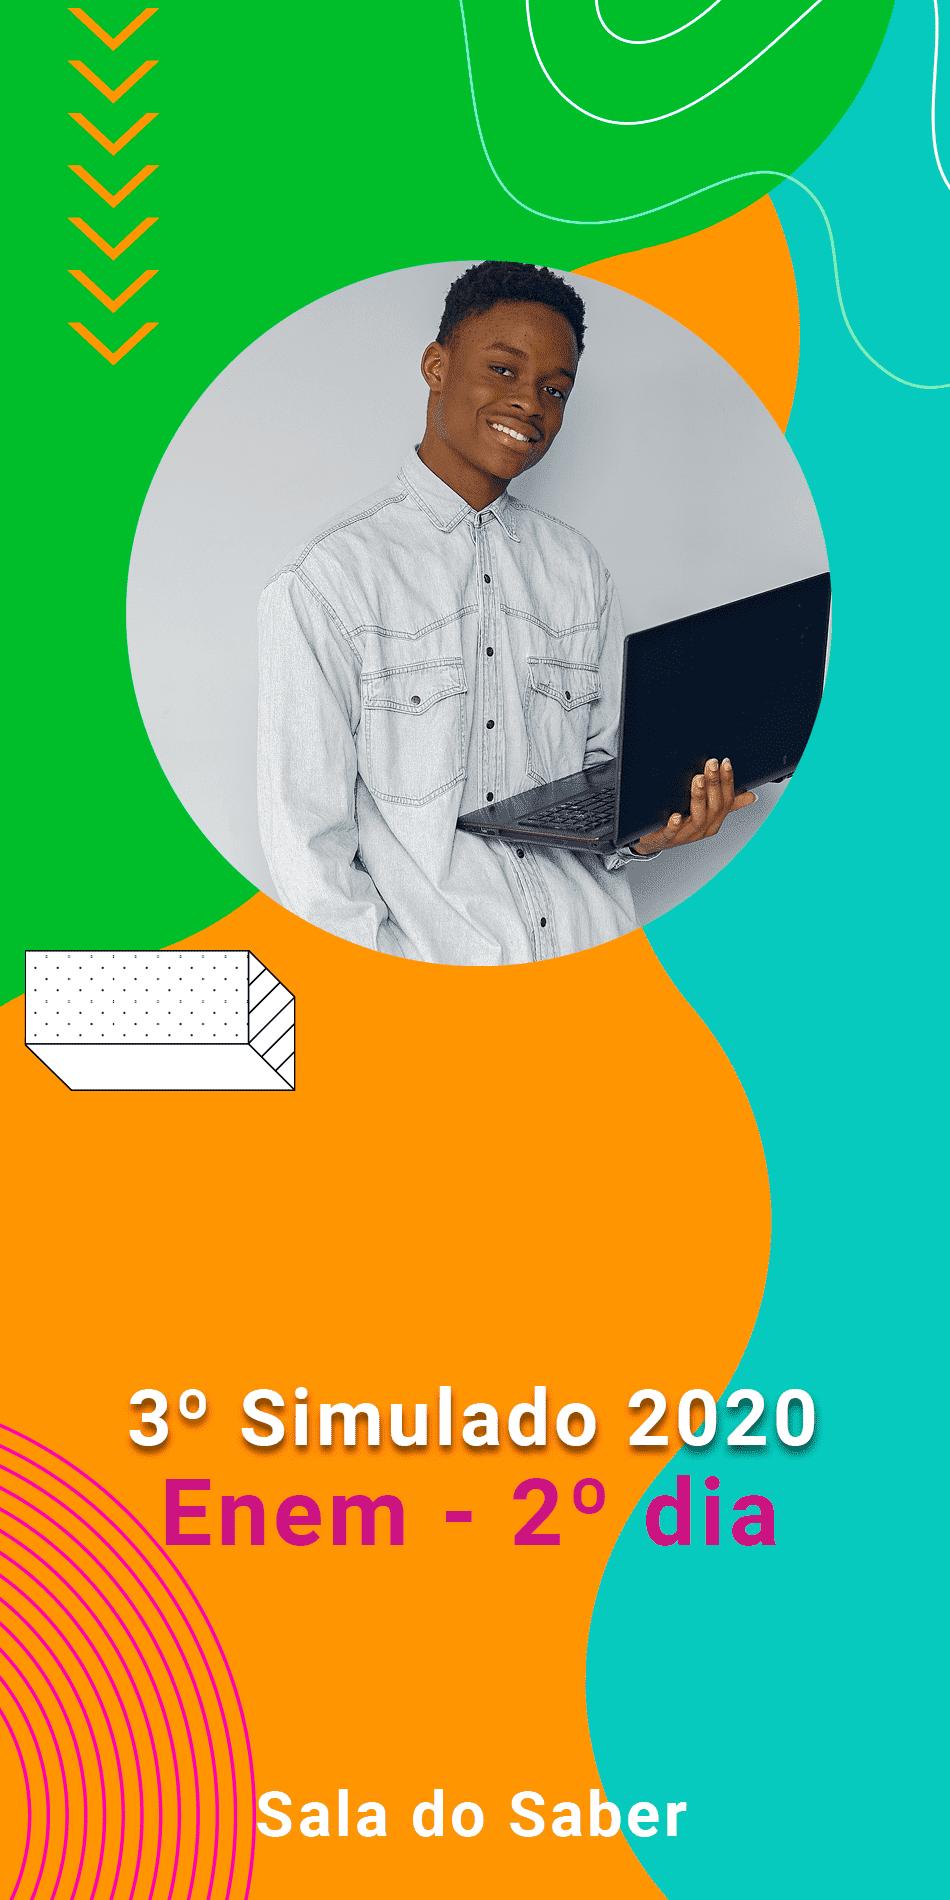 TERCEIRO SIMULADO 2020 - 2º DIA